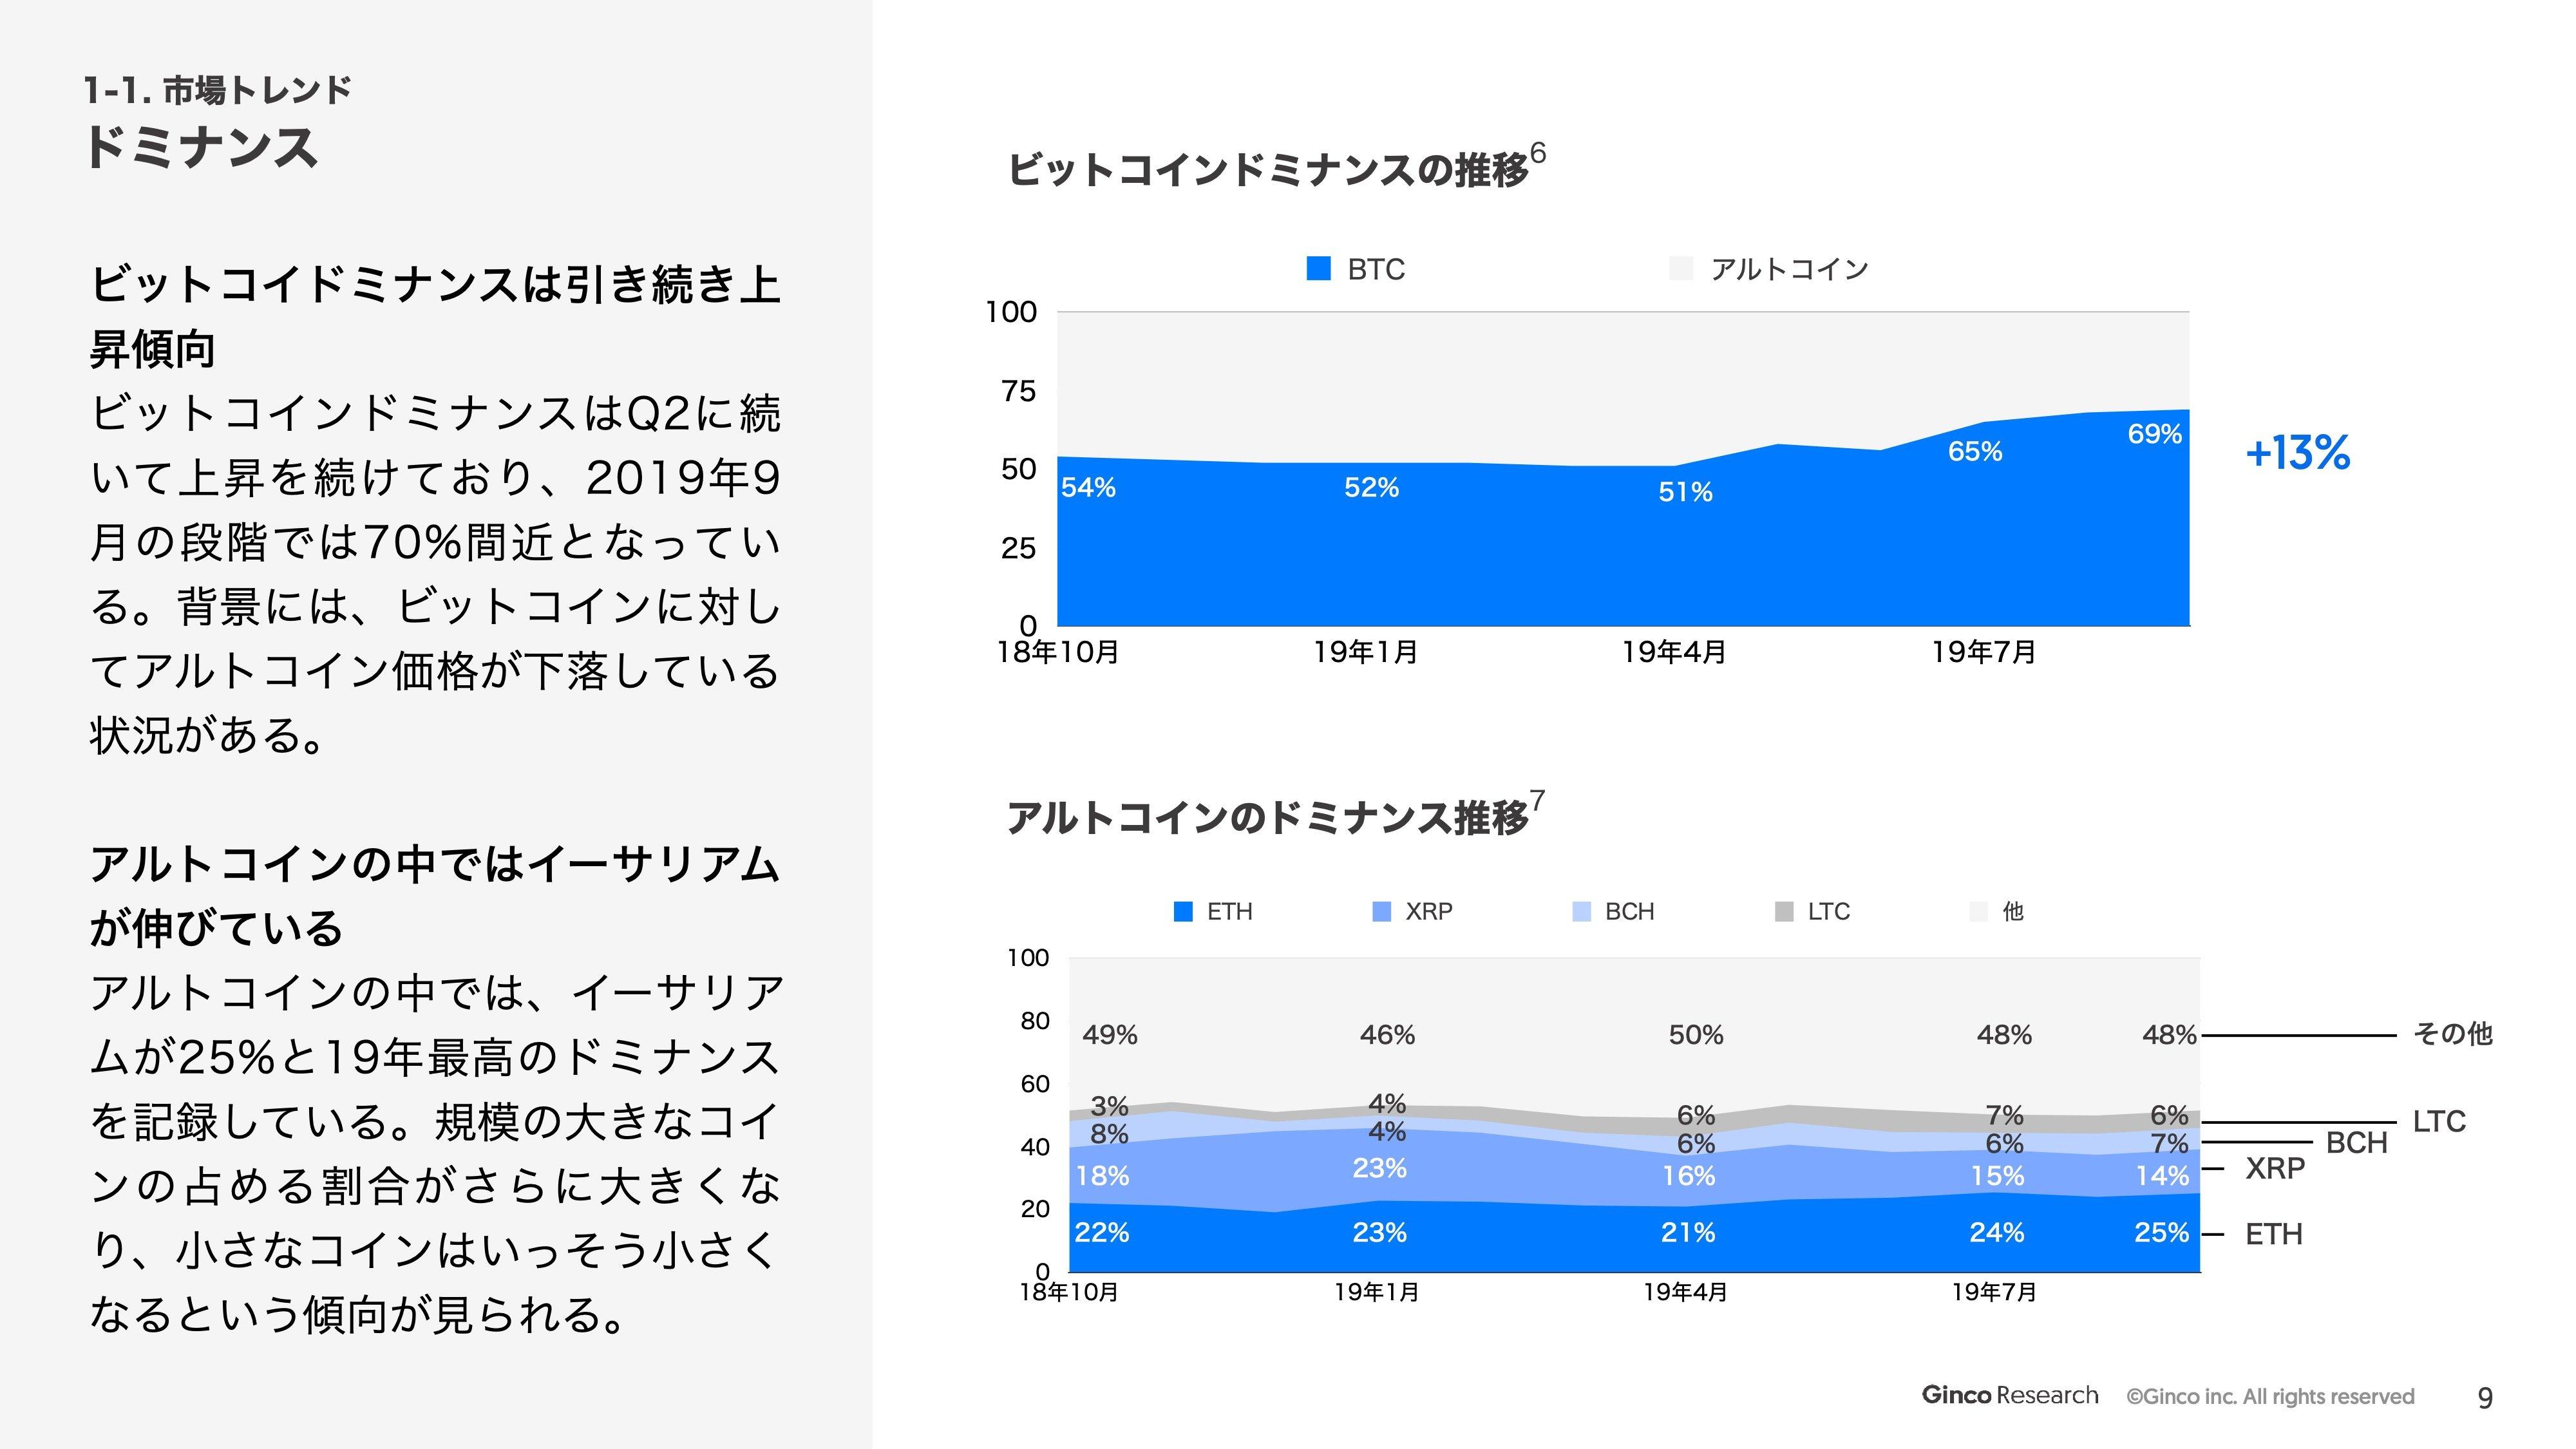 ginco_quarterly_report_2019_q3_ver1 129